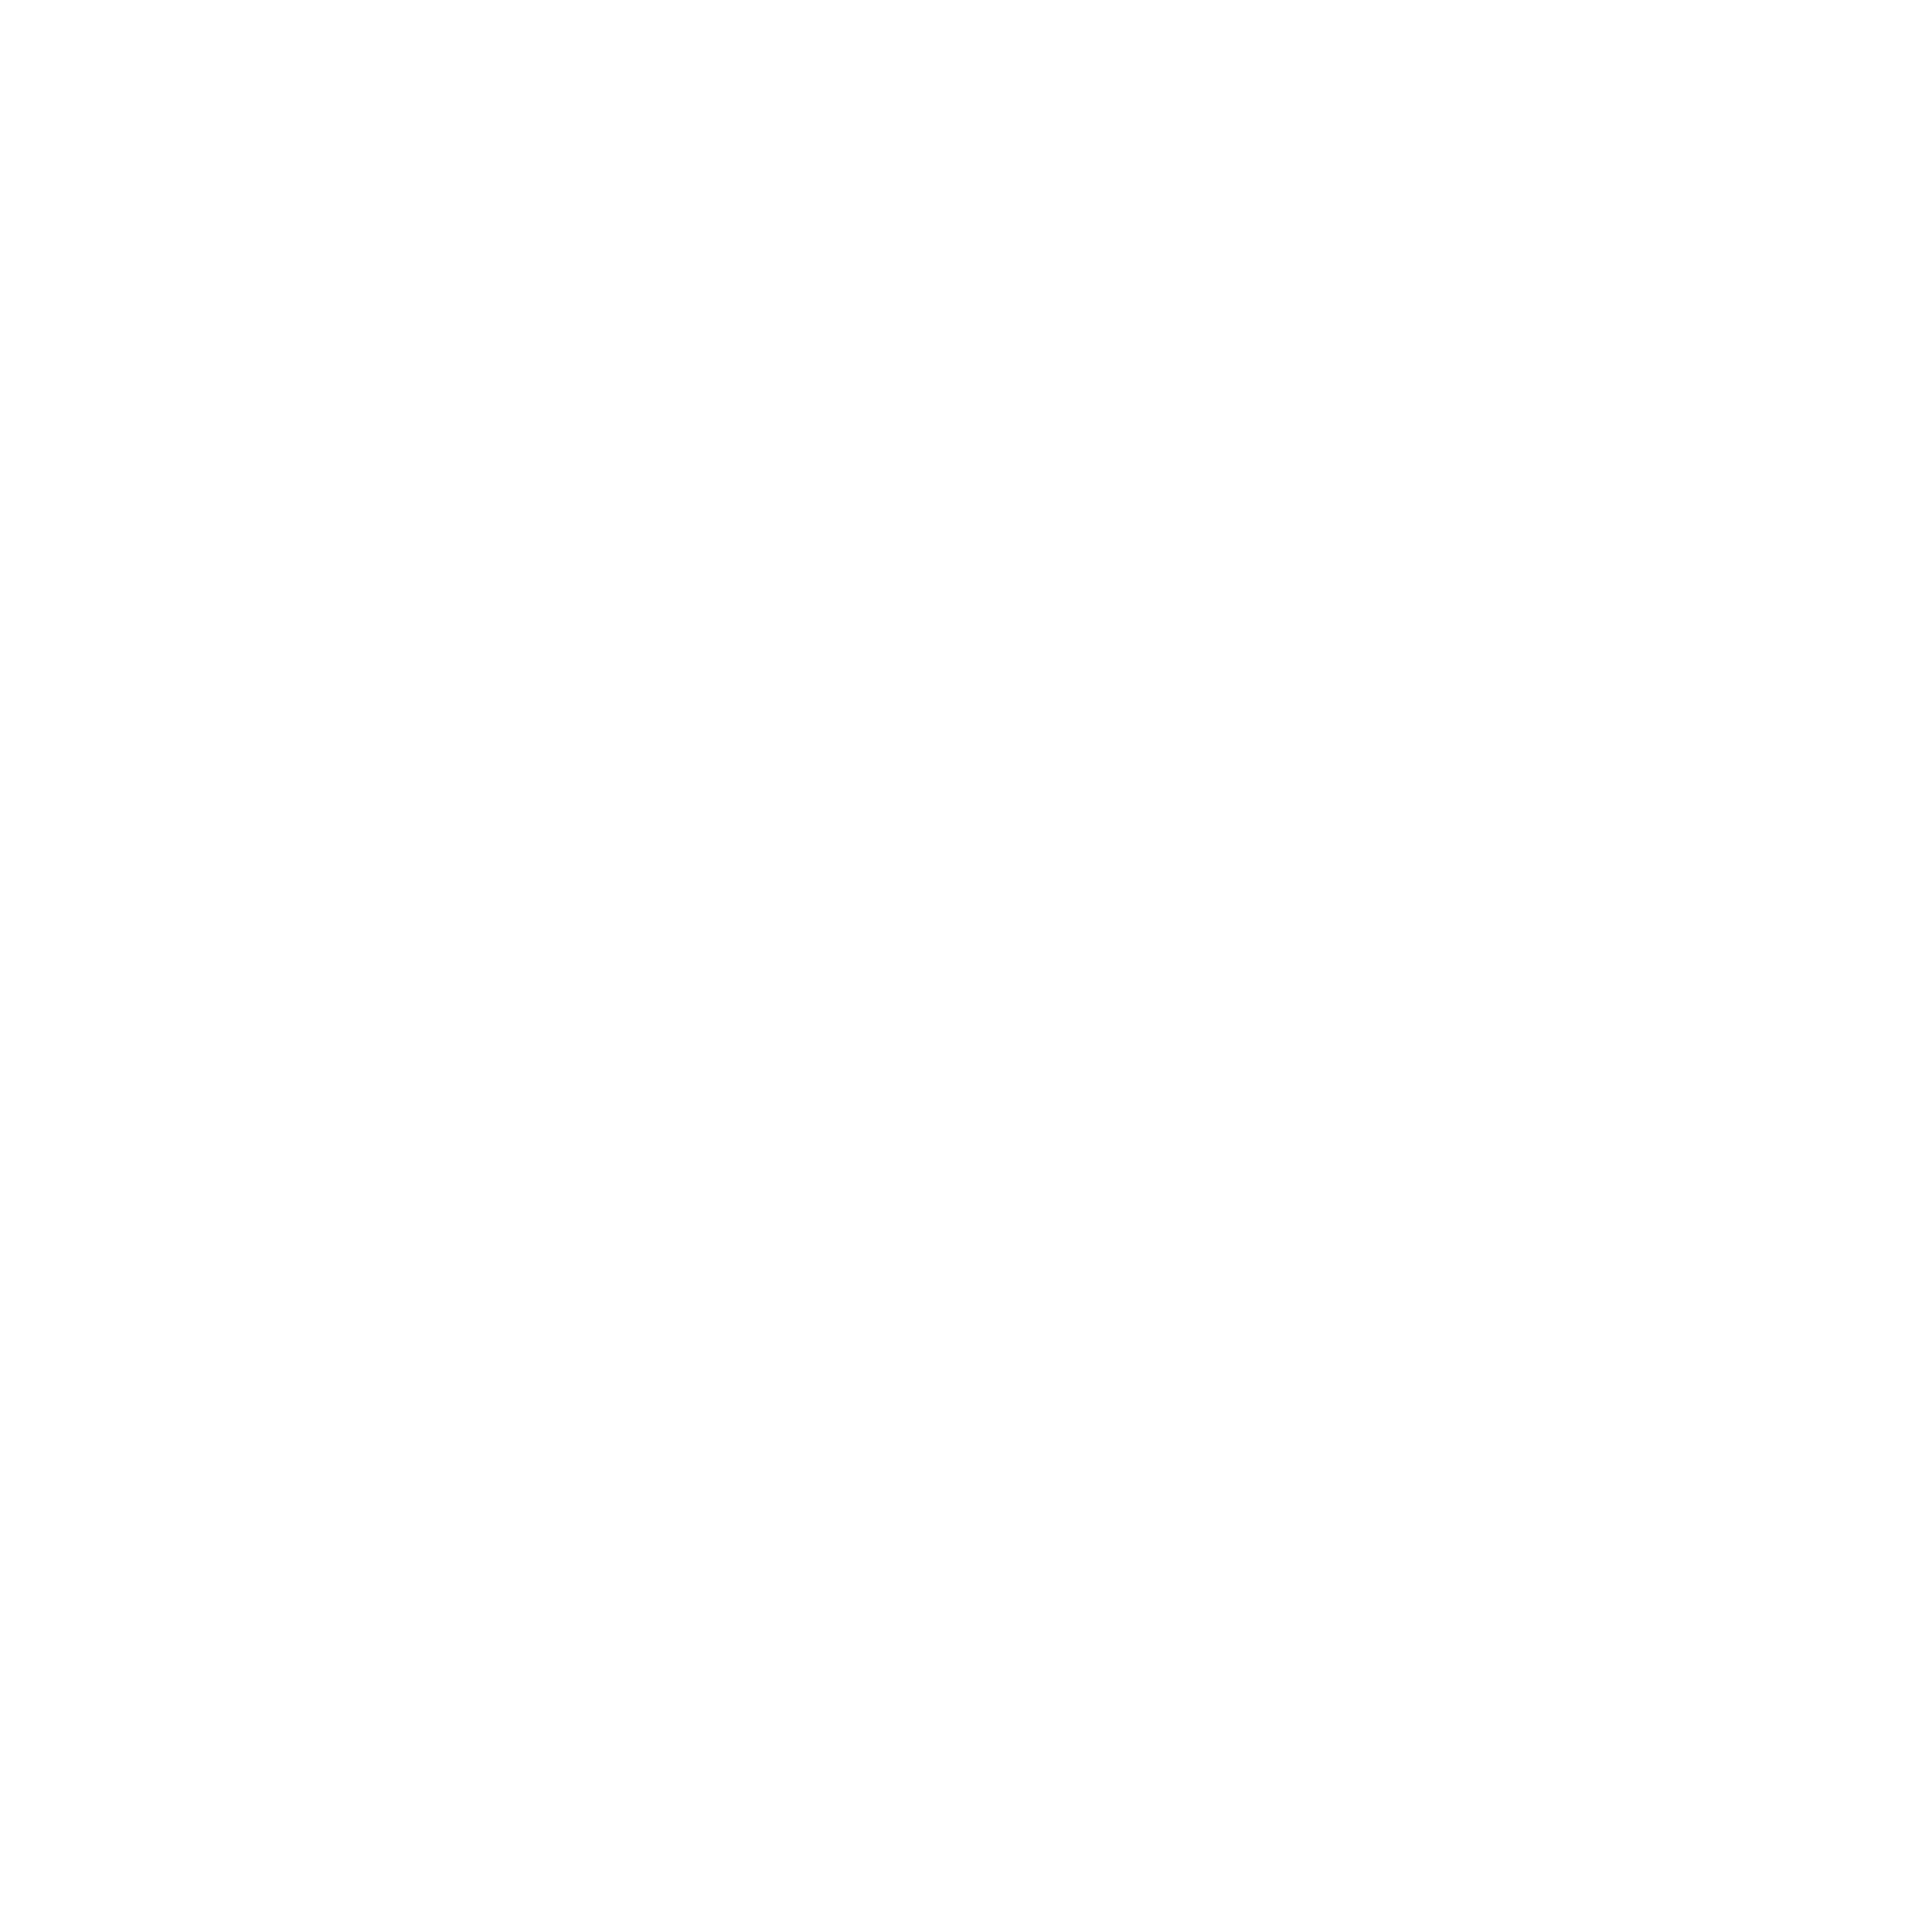 GIG-iconcs-white_cs6_Tavola disegno 1 copia 57.png